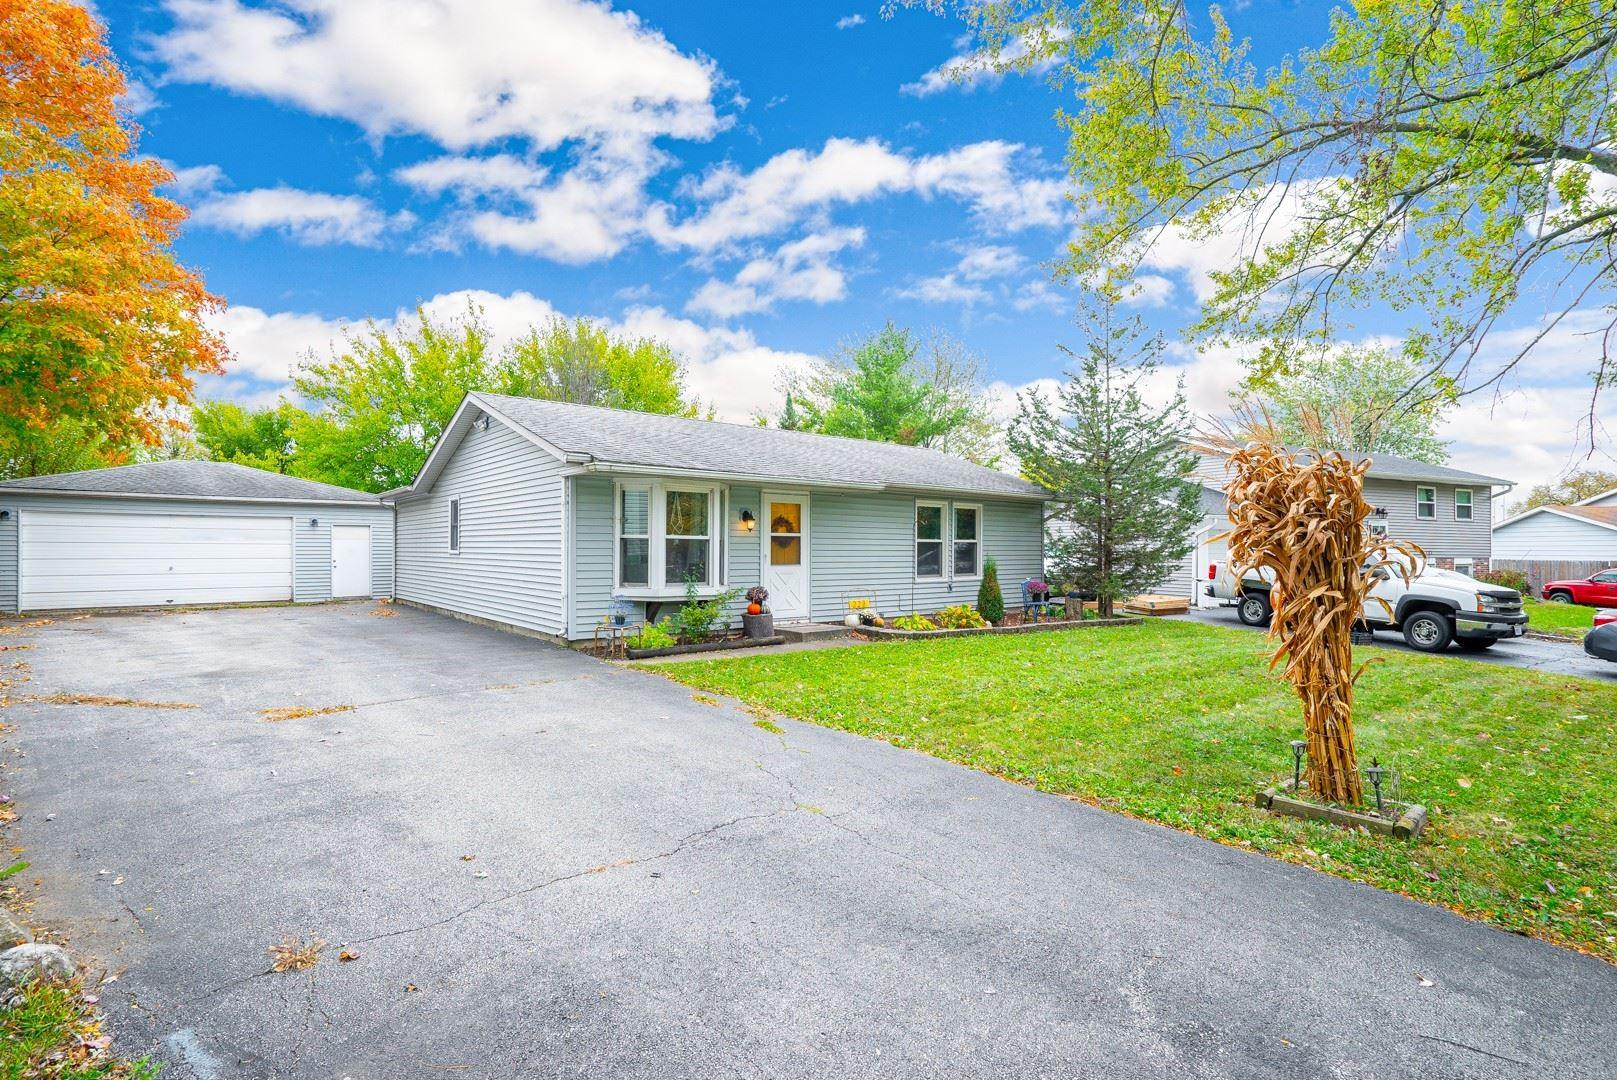 Photo of 228 GALEWOOD Drive, Bolingbrook, IL 60440 (MLS # 10907898)